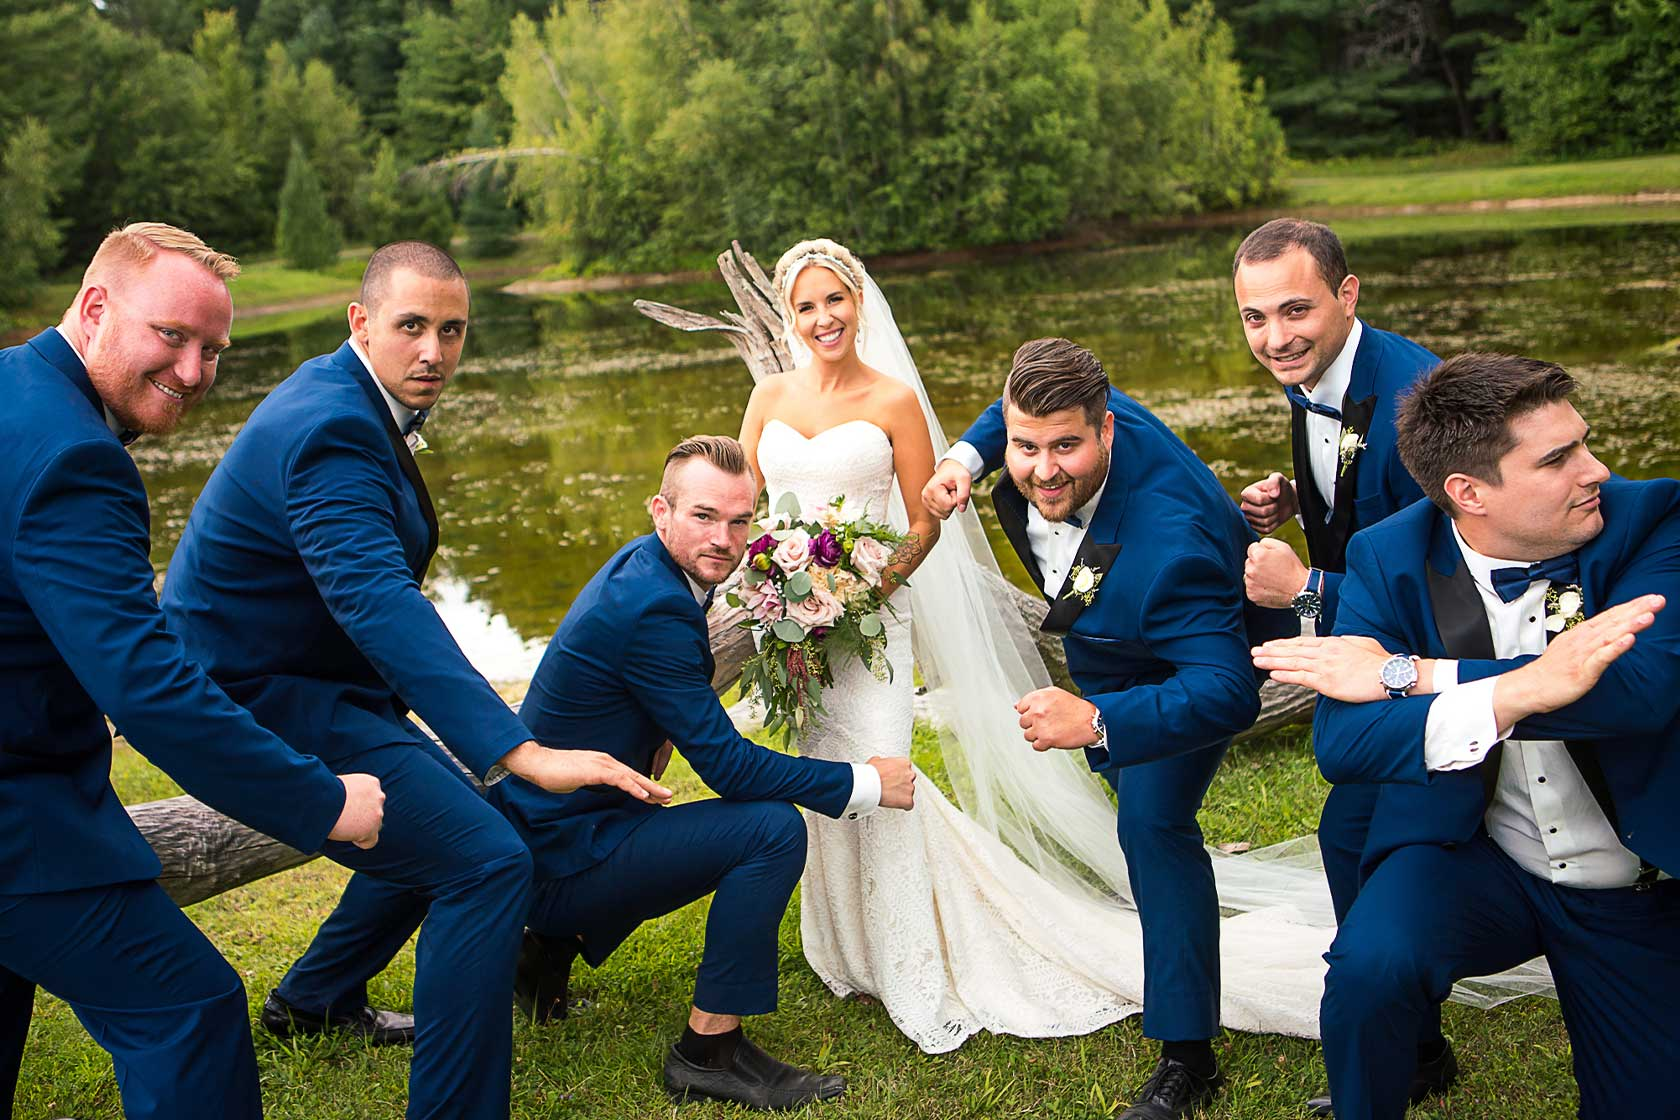 Danylo-Bobyk-Wedding-Photography-Stacey-Kenneth-03